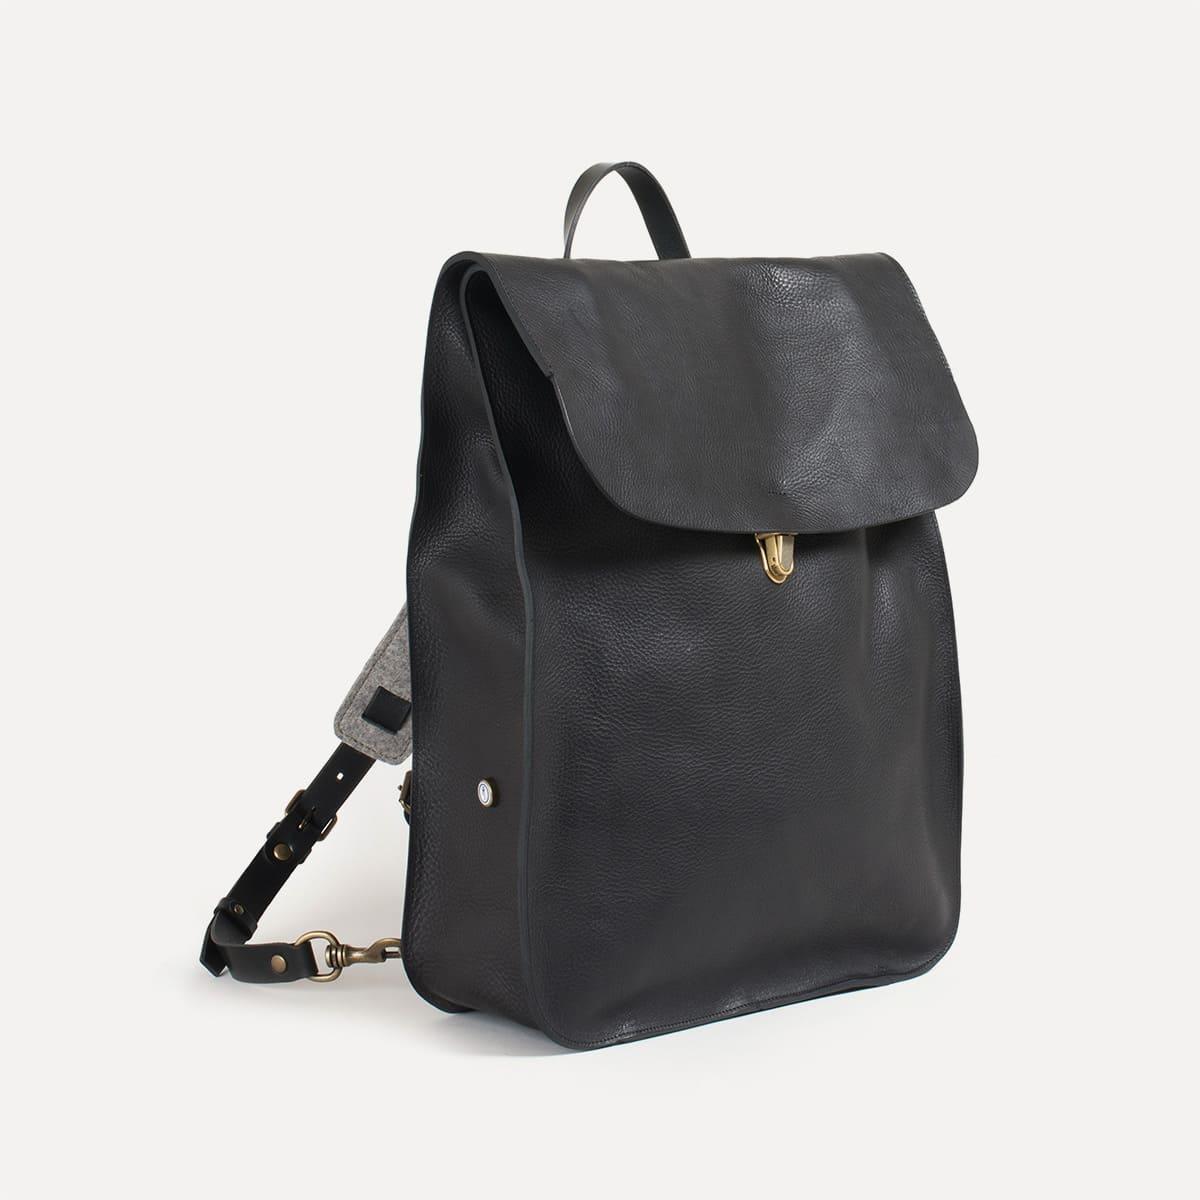 Arlo leather backpack I Vintage Rucksack  7dfba2fb94715